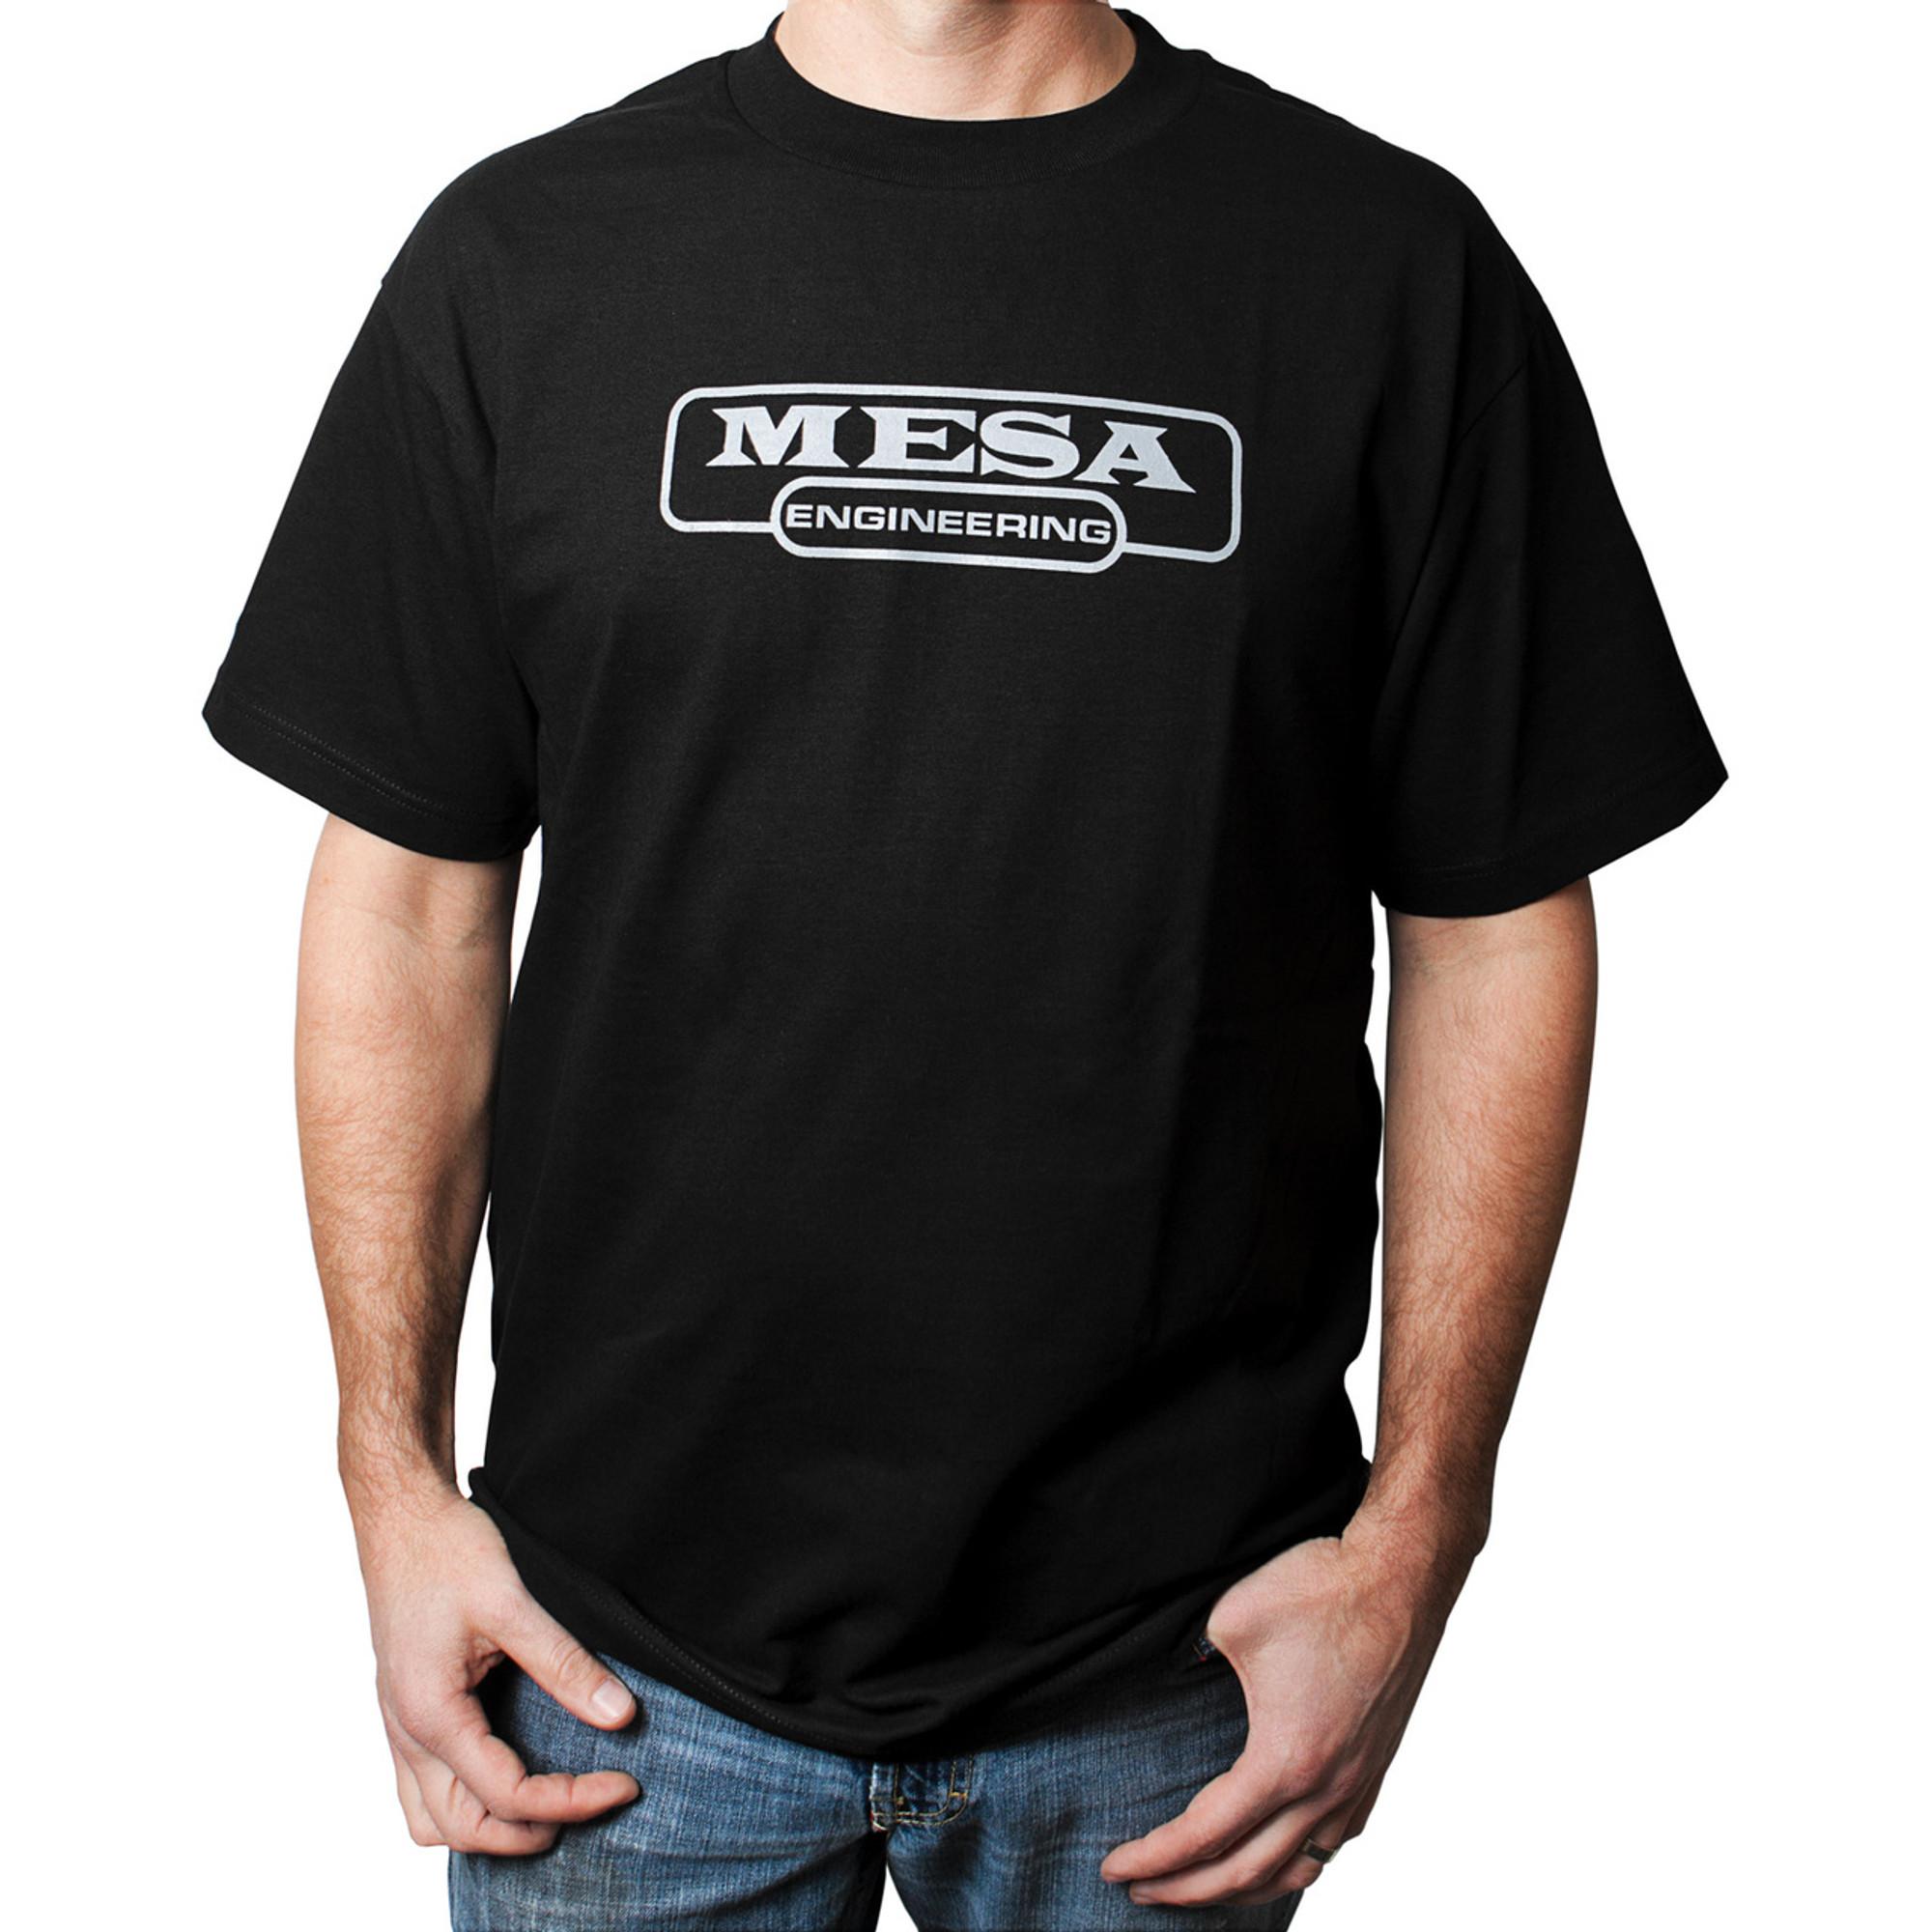 06974491b Tee Shirt - MESA Engineering - MESA/Boogie